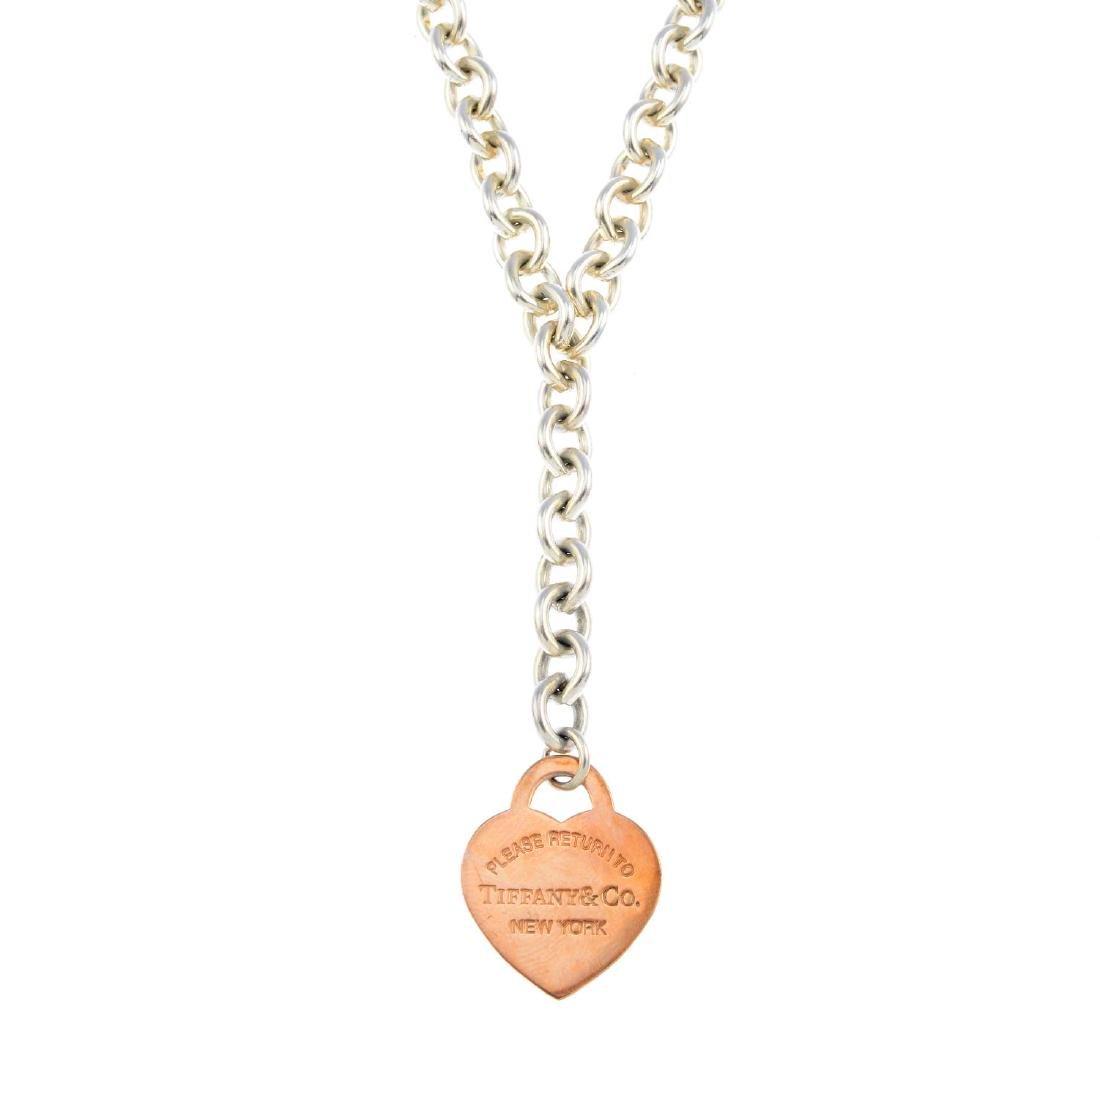 TIFFANY & CO. - a silver necklace. Of bi-colour design,